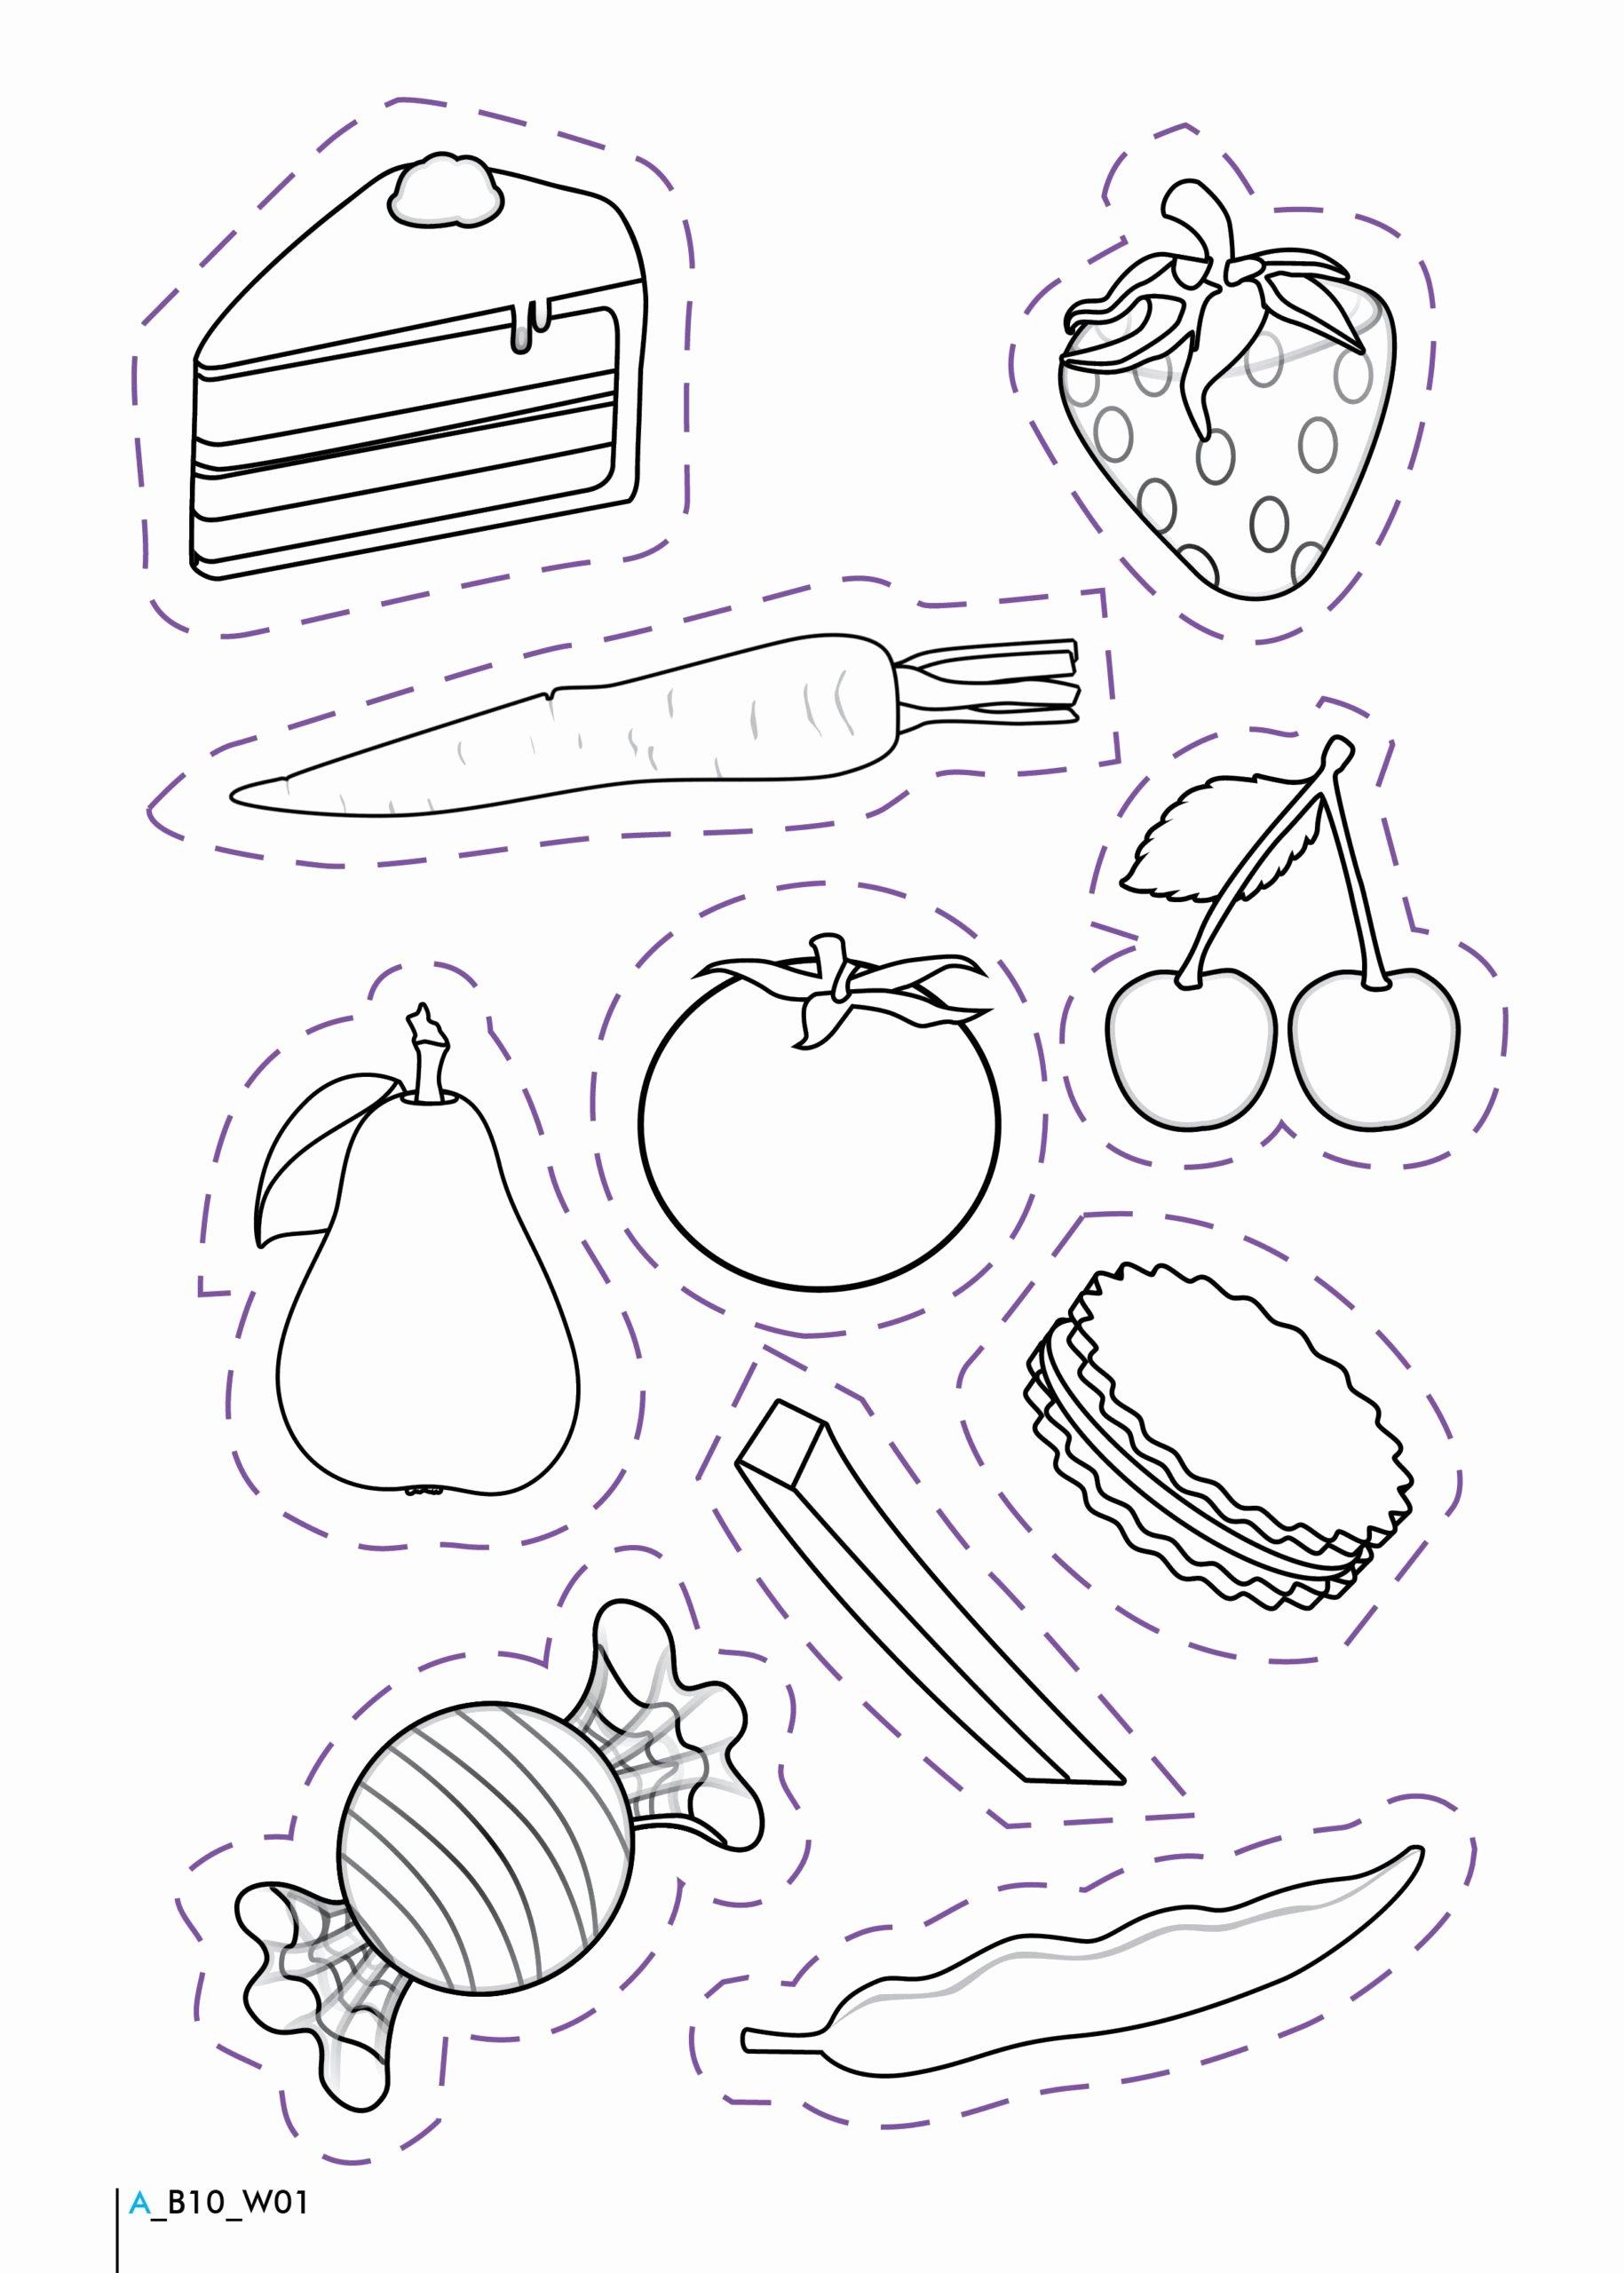 Healthy Foods Worksheets for Preschoolers top Healthy and Unhealthy Foods Worksheet Food Junk Worksheets